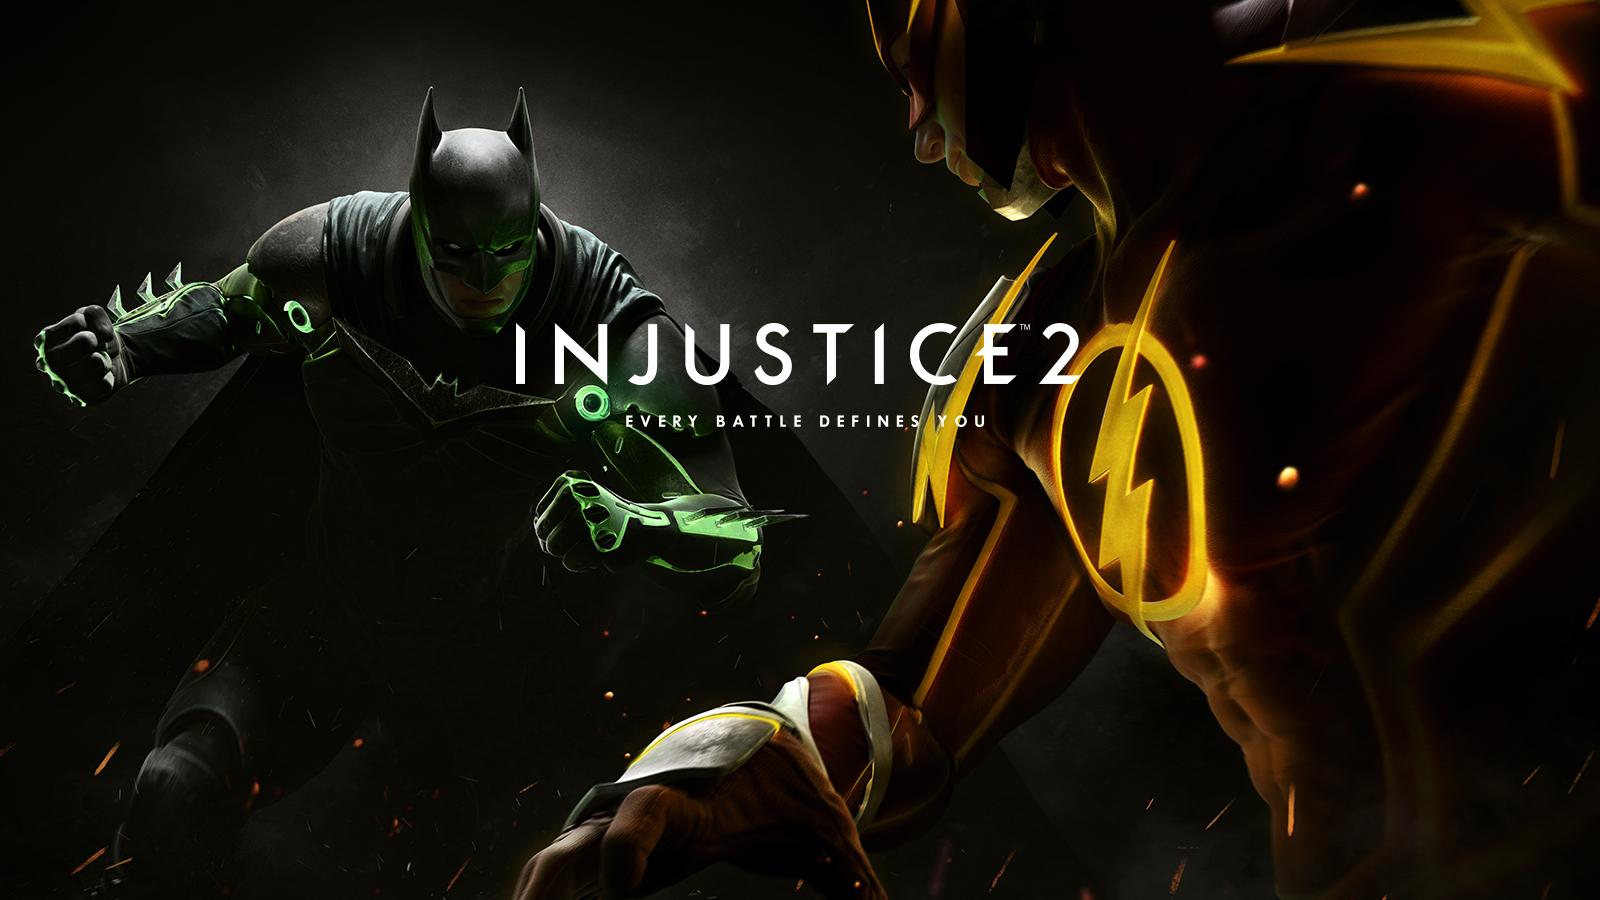 Injustice 2 telecharger gratuit de PC et Torrent